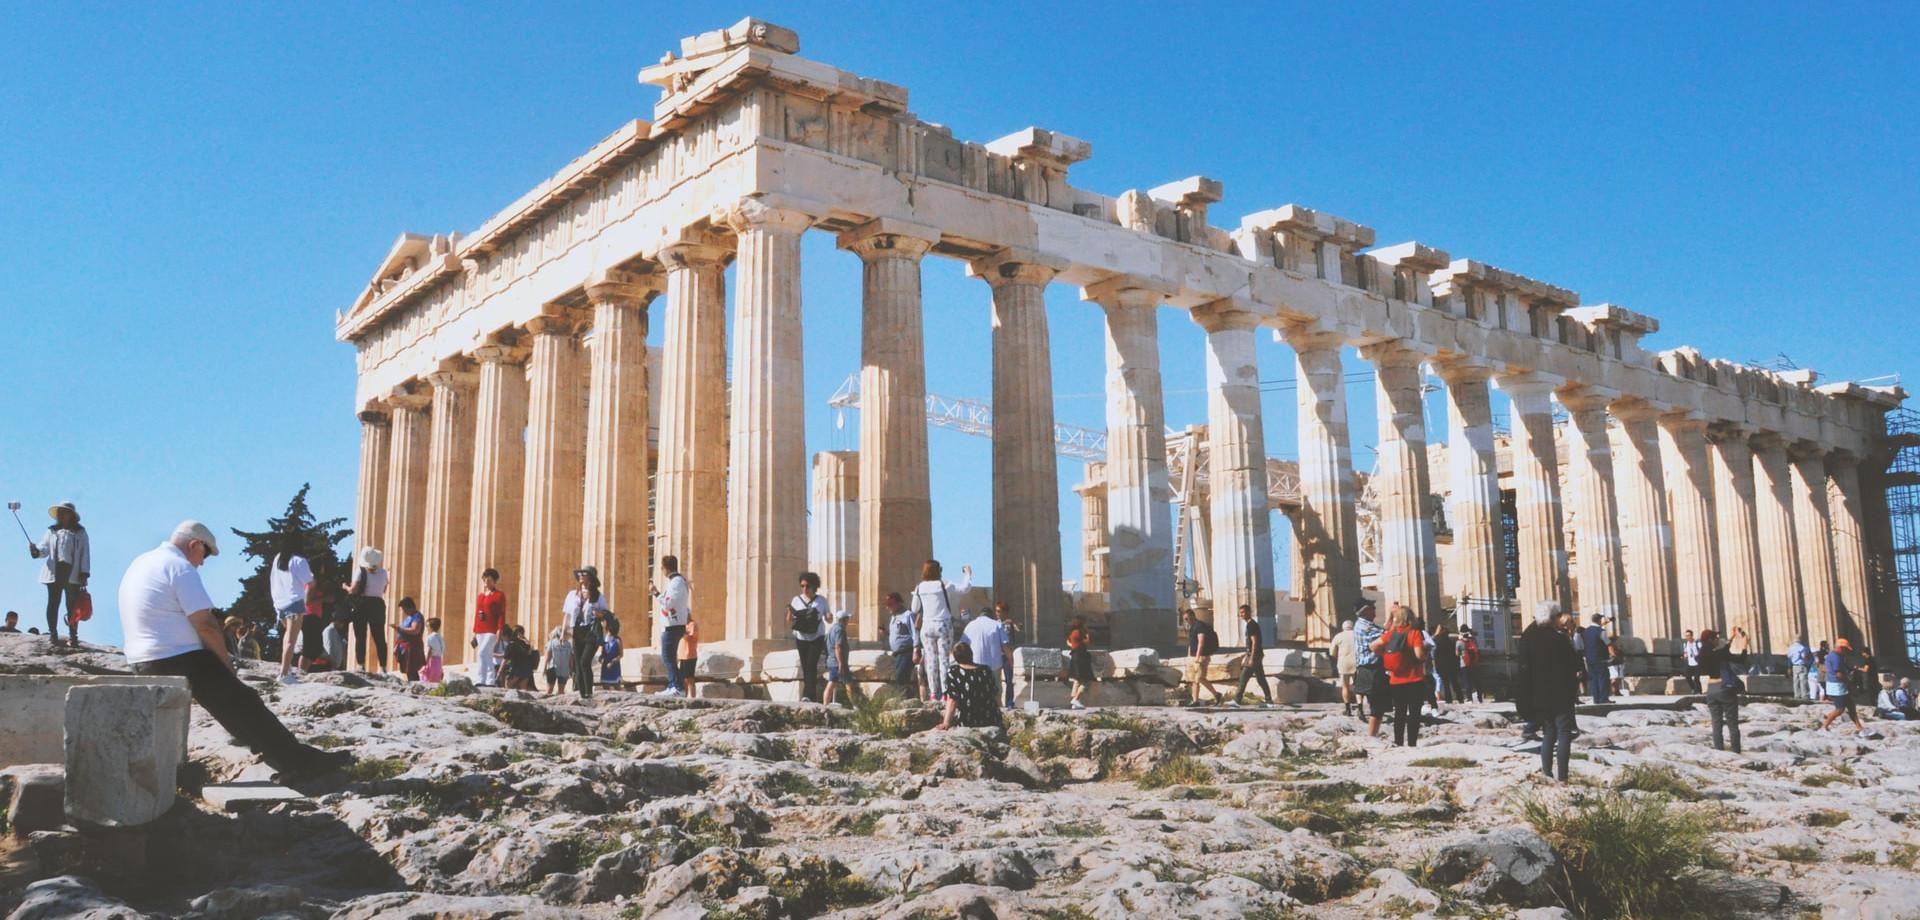 Νέο θερινό ωράριο σε αρχαιολογικούς χώρους